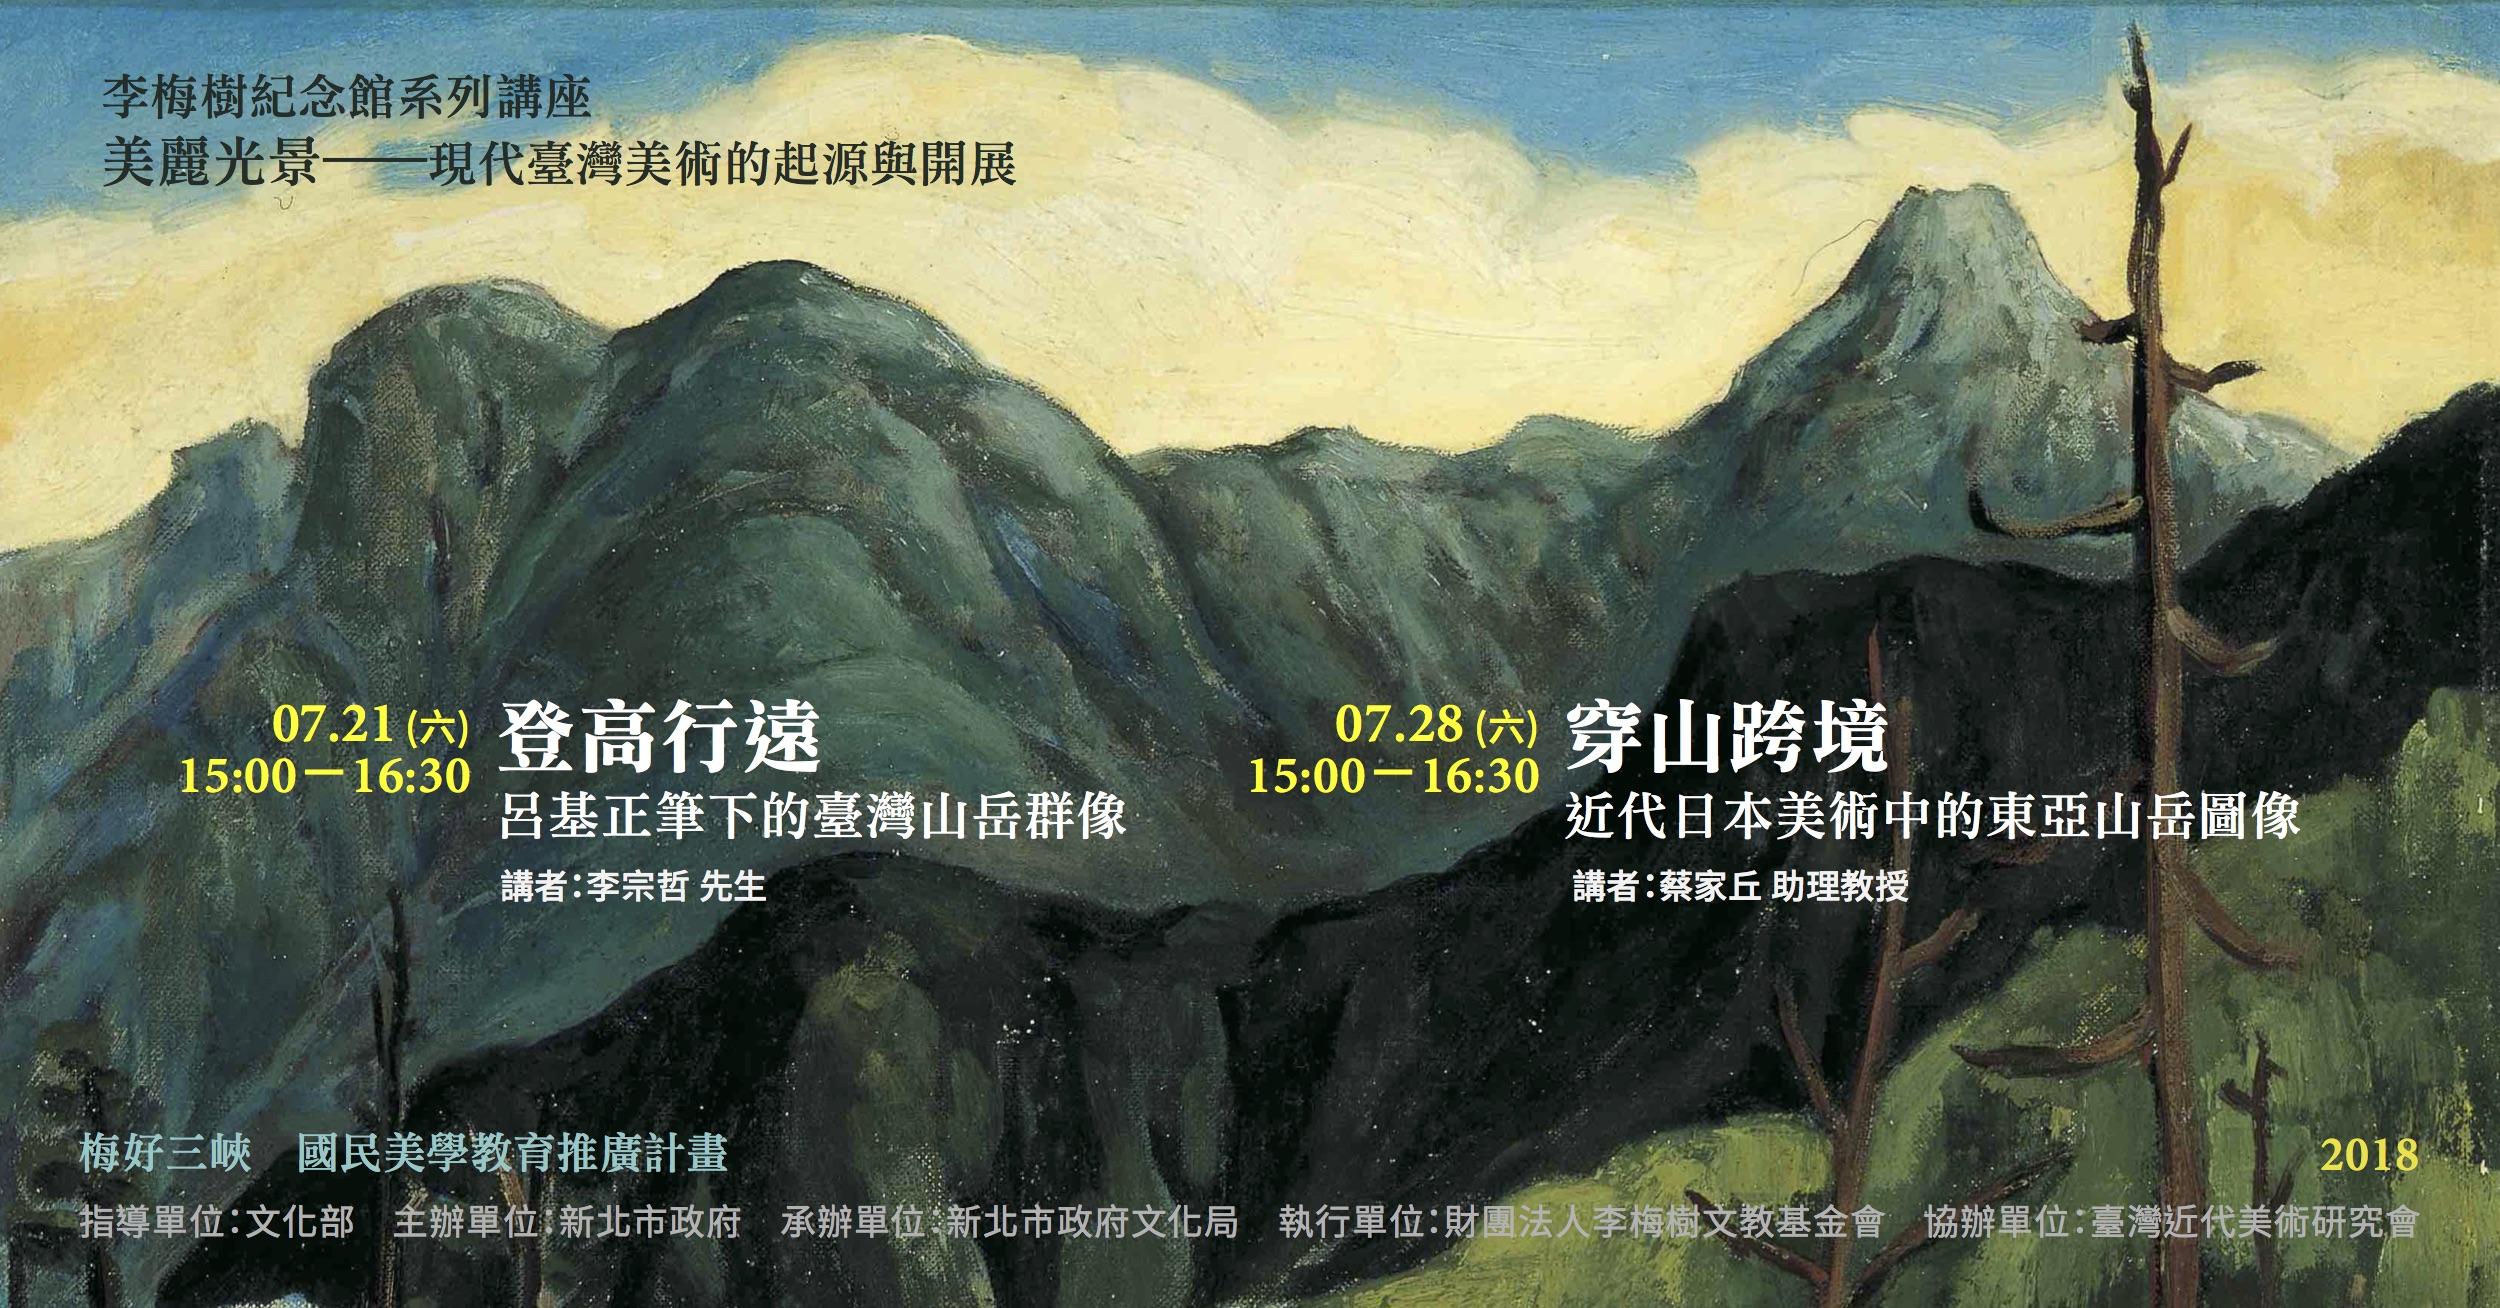 圖說:[七月系列講座] 美麗光景—現代台灣美術的起源與開展橫幅宣傳圖,背景為呂基正筆下的臺灣山岳群像。